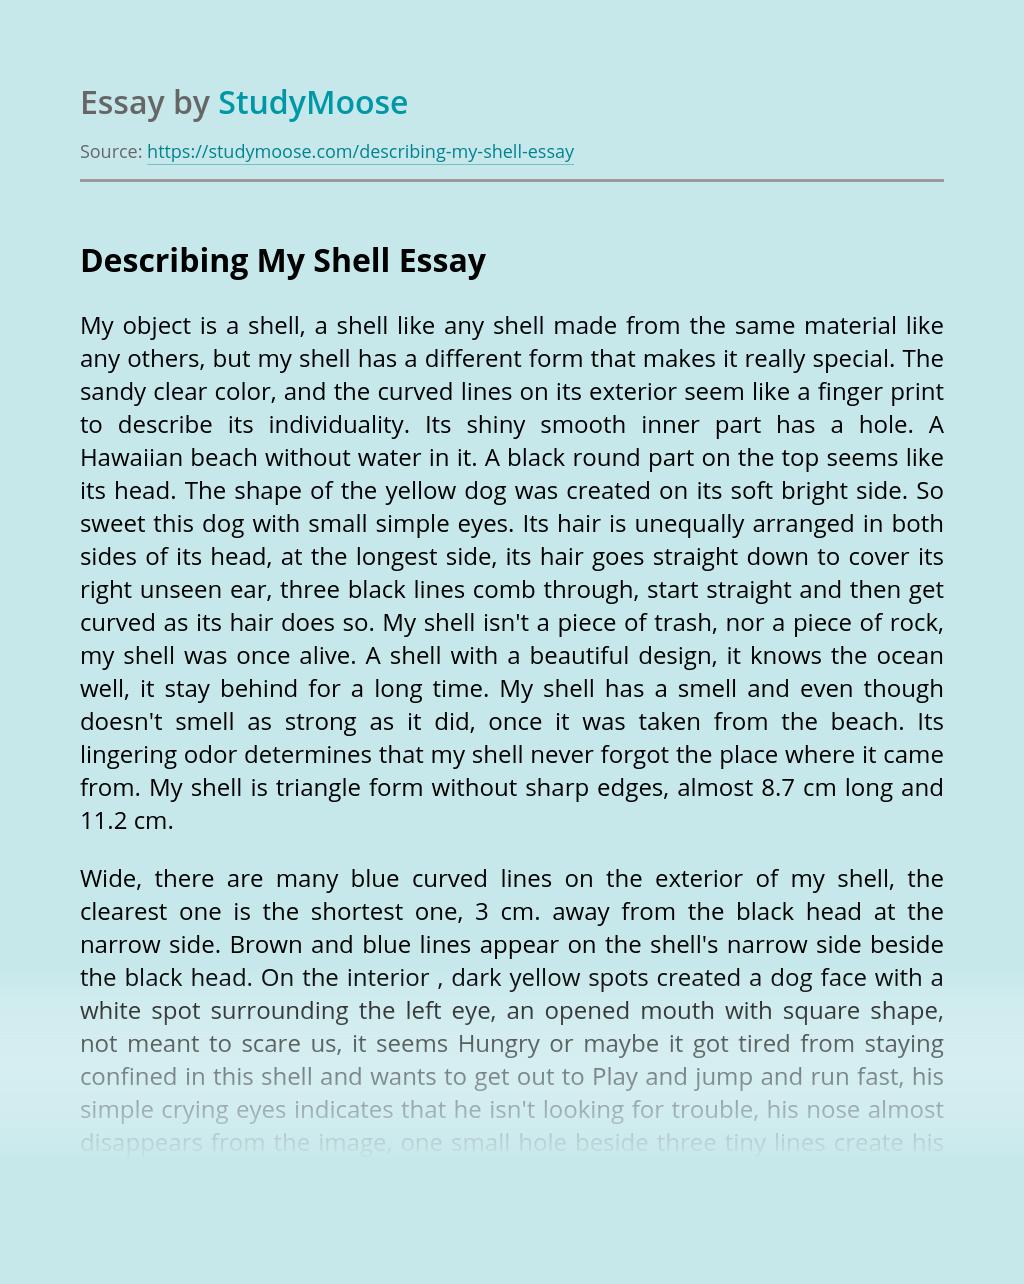 Describing My Shell